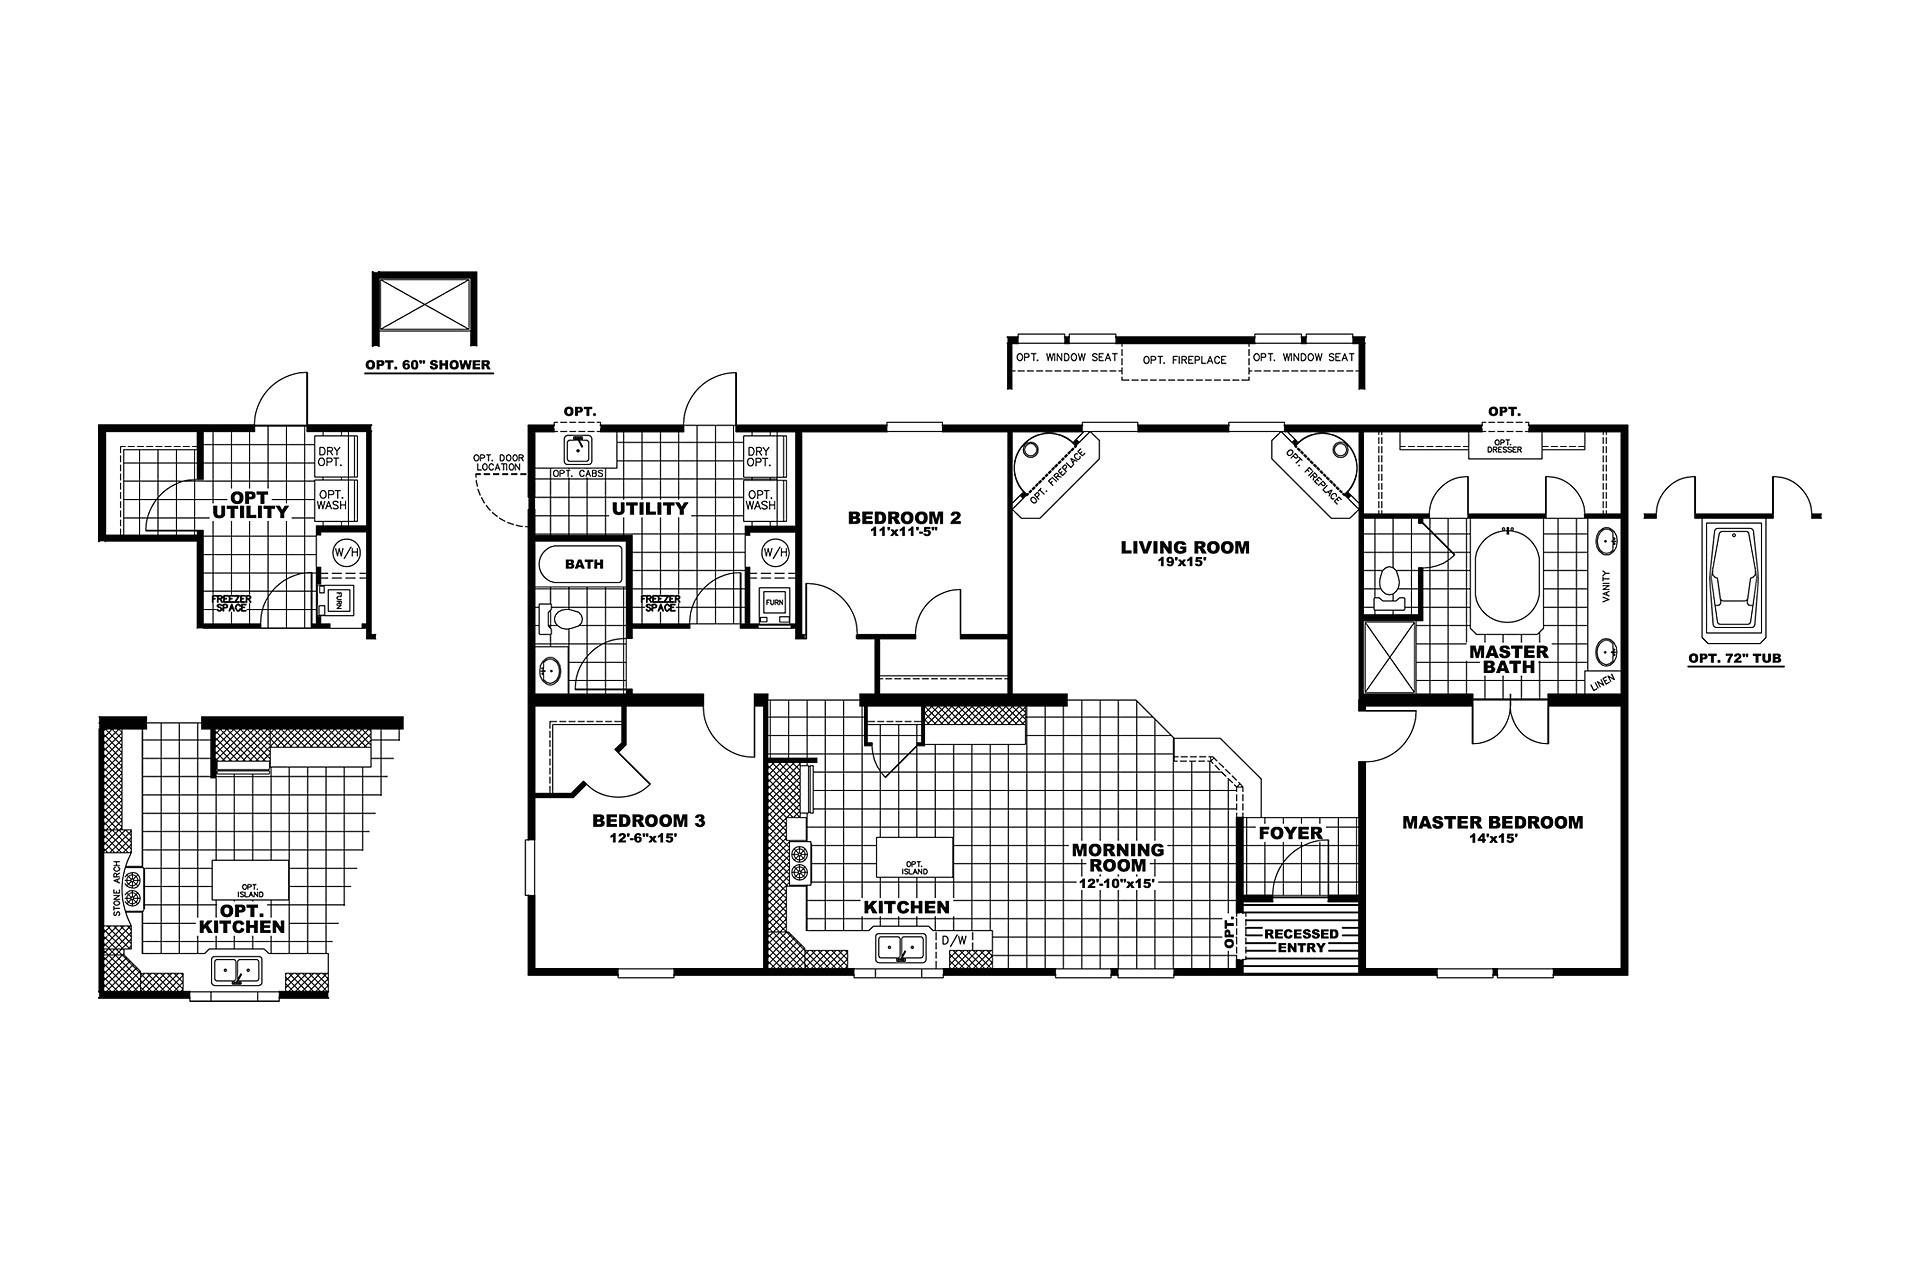 manufacturedhomefloorplan floorplan 4795 state tx city blum